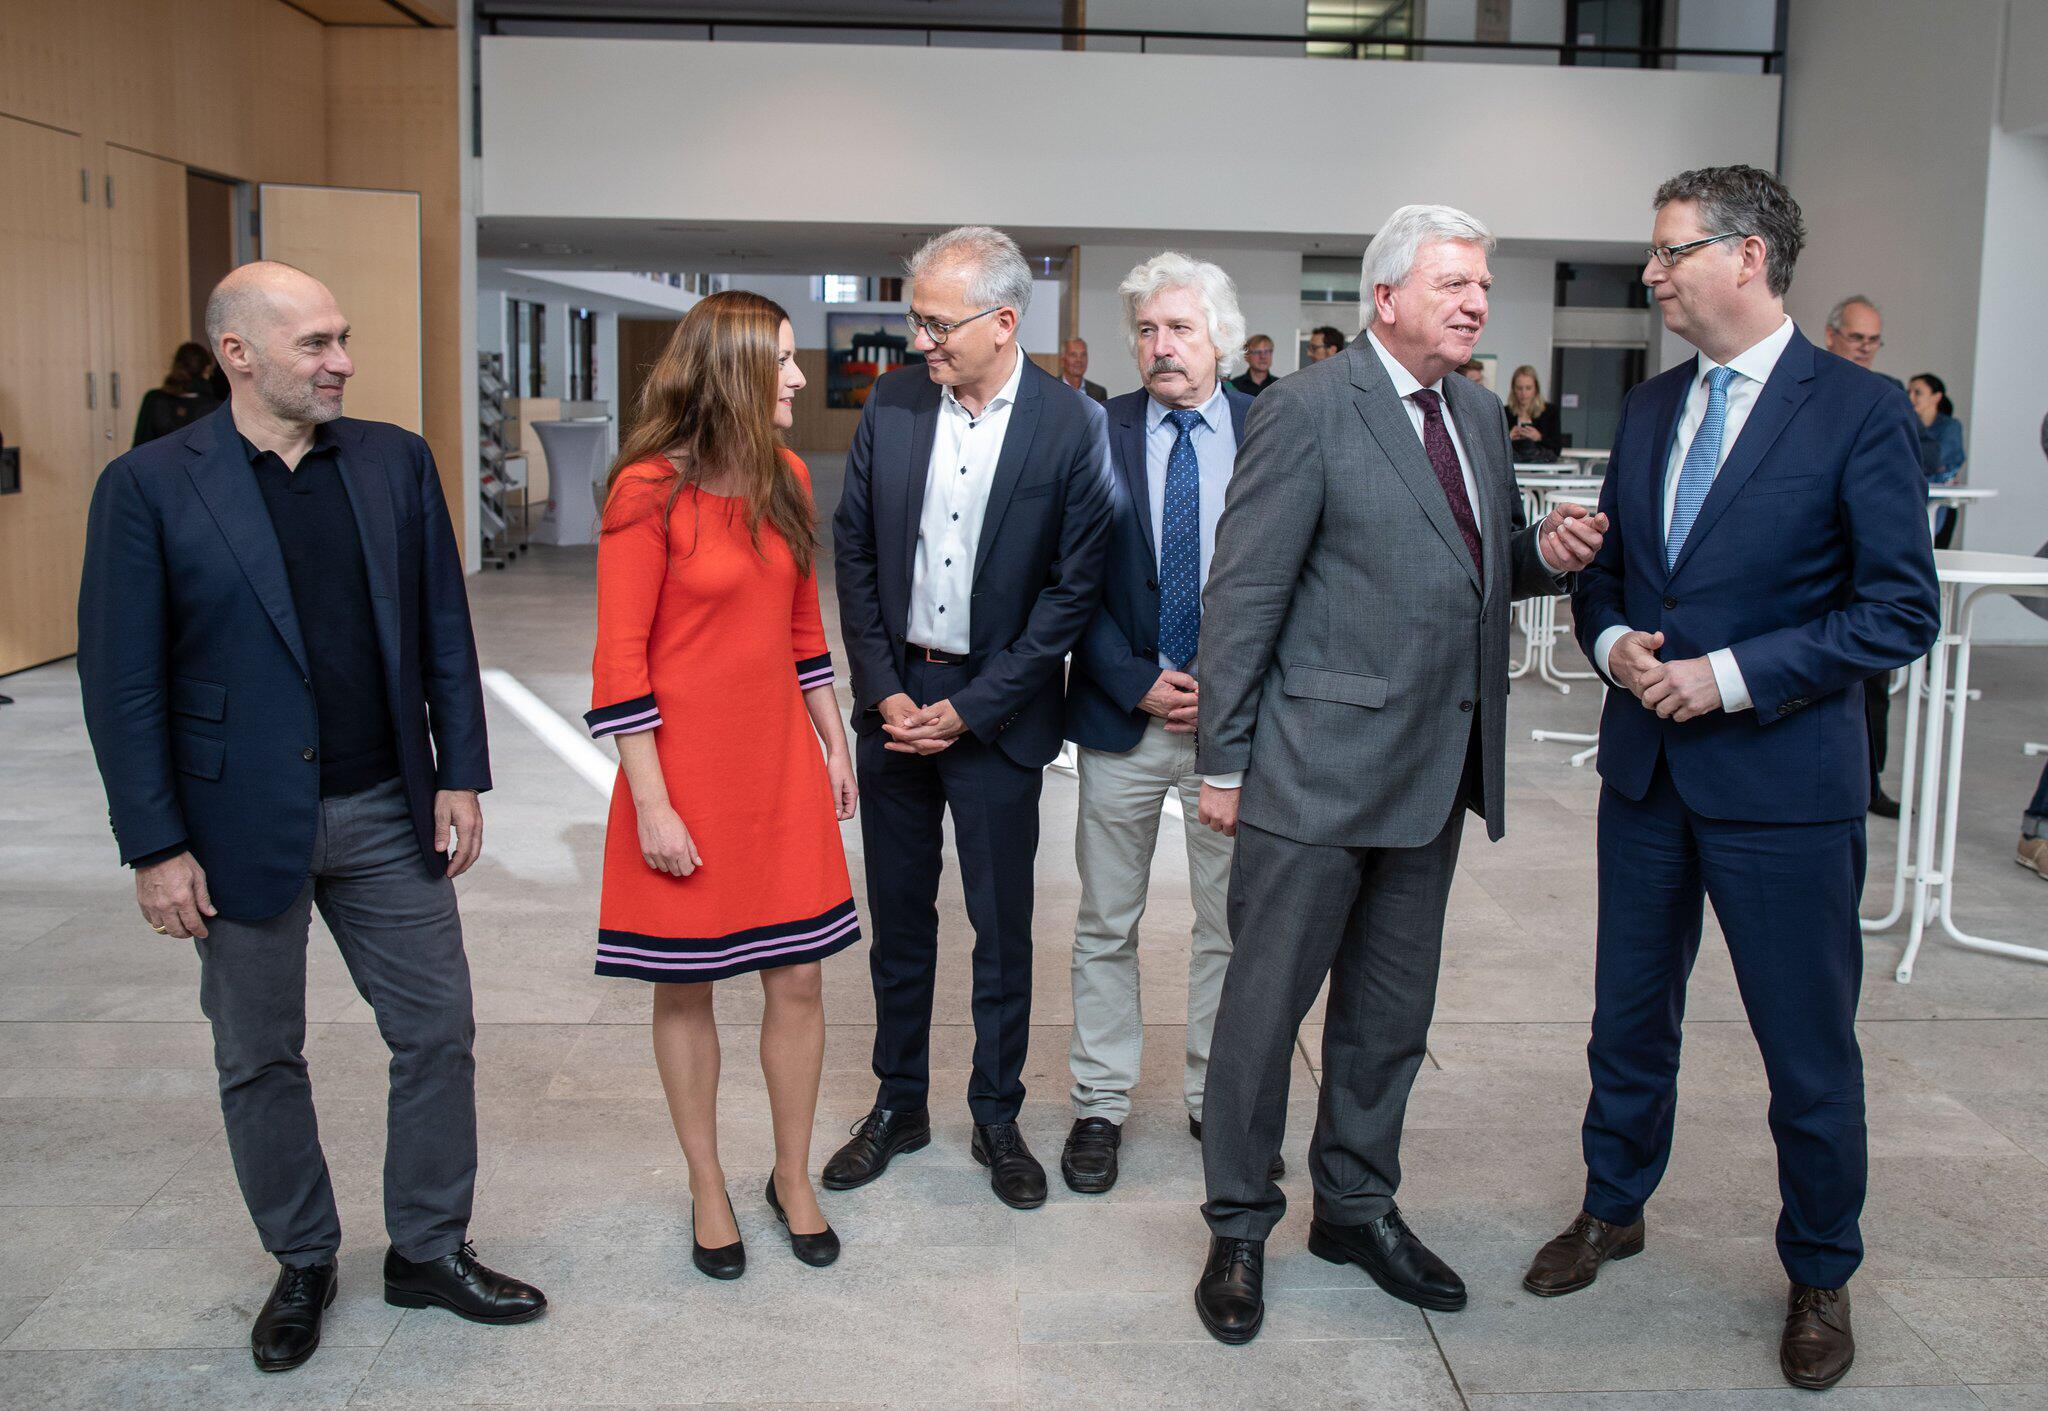 Bild zu Spitzenkandidaten der hessischen Landtagswahl